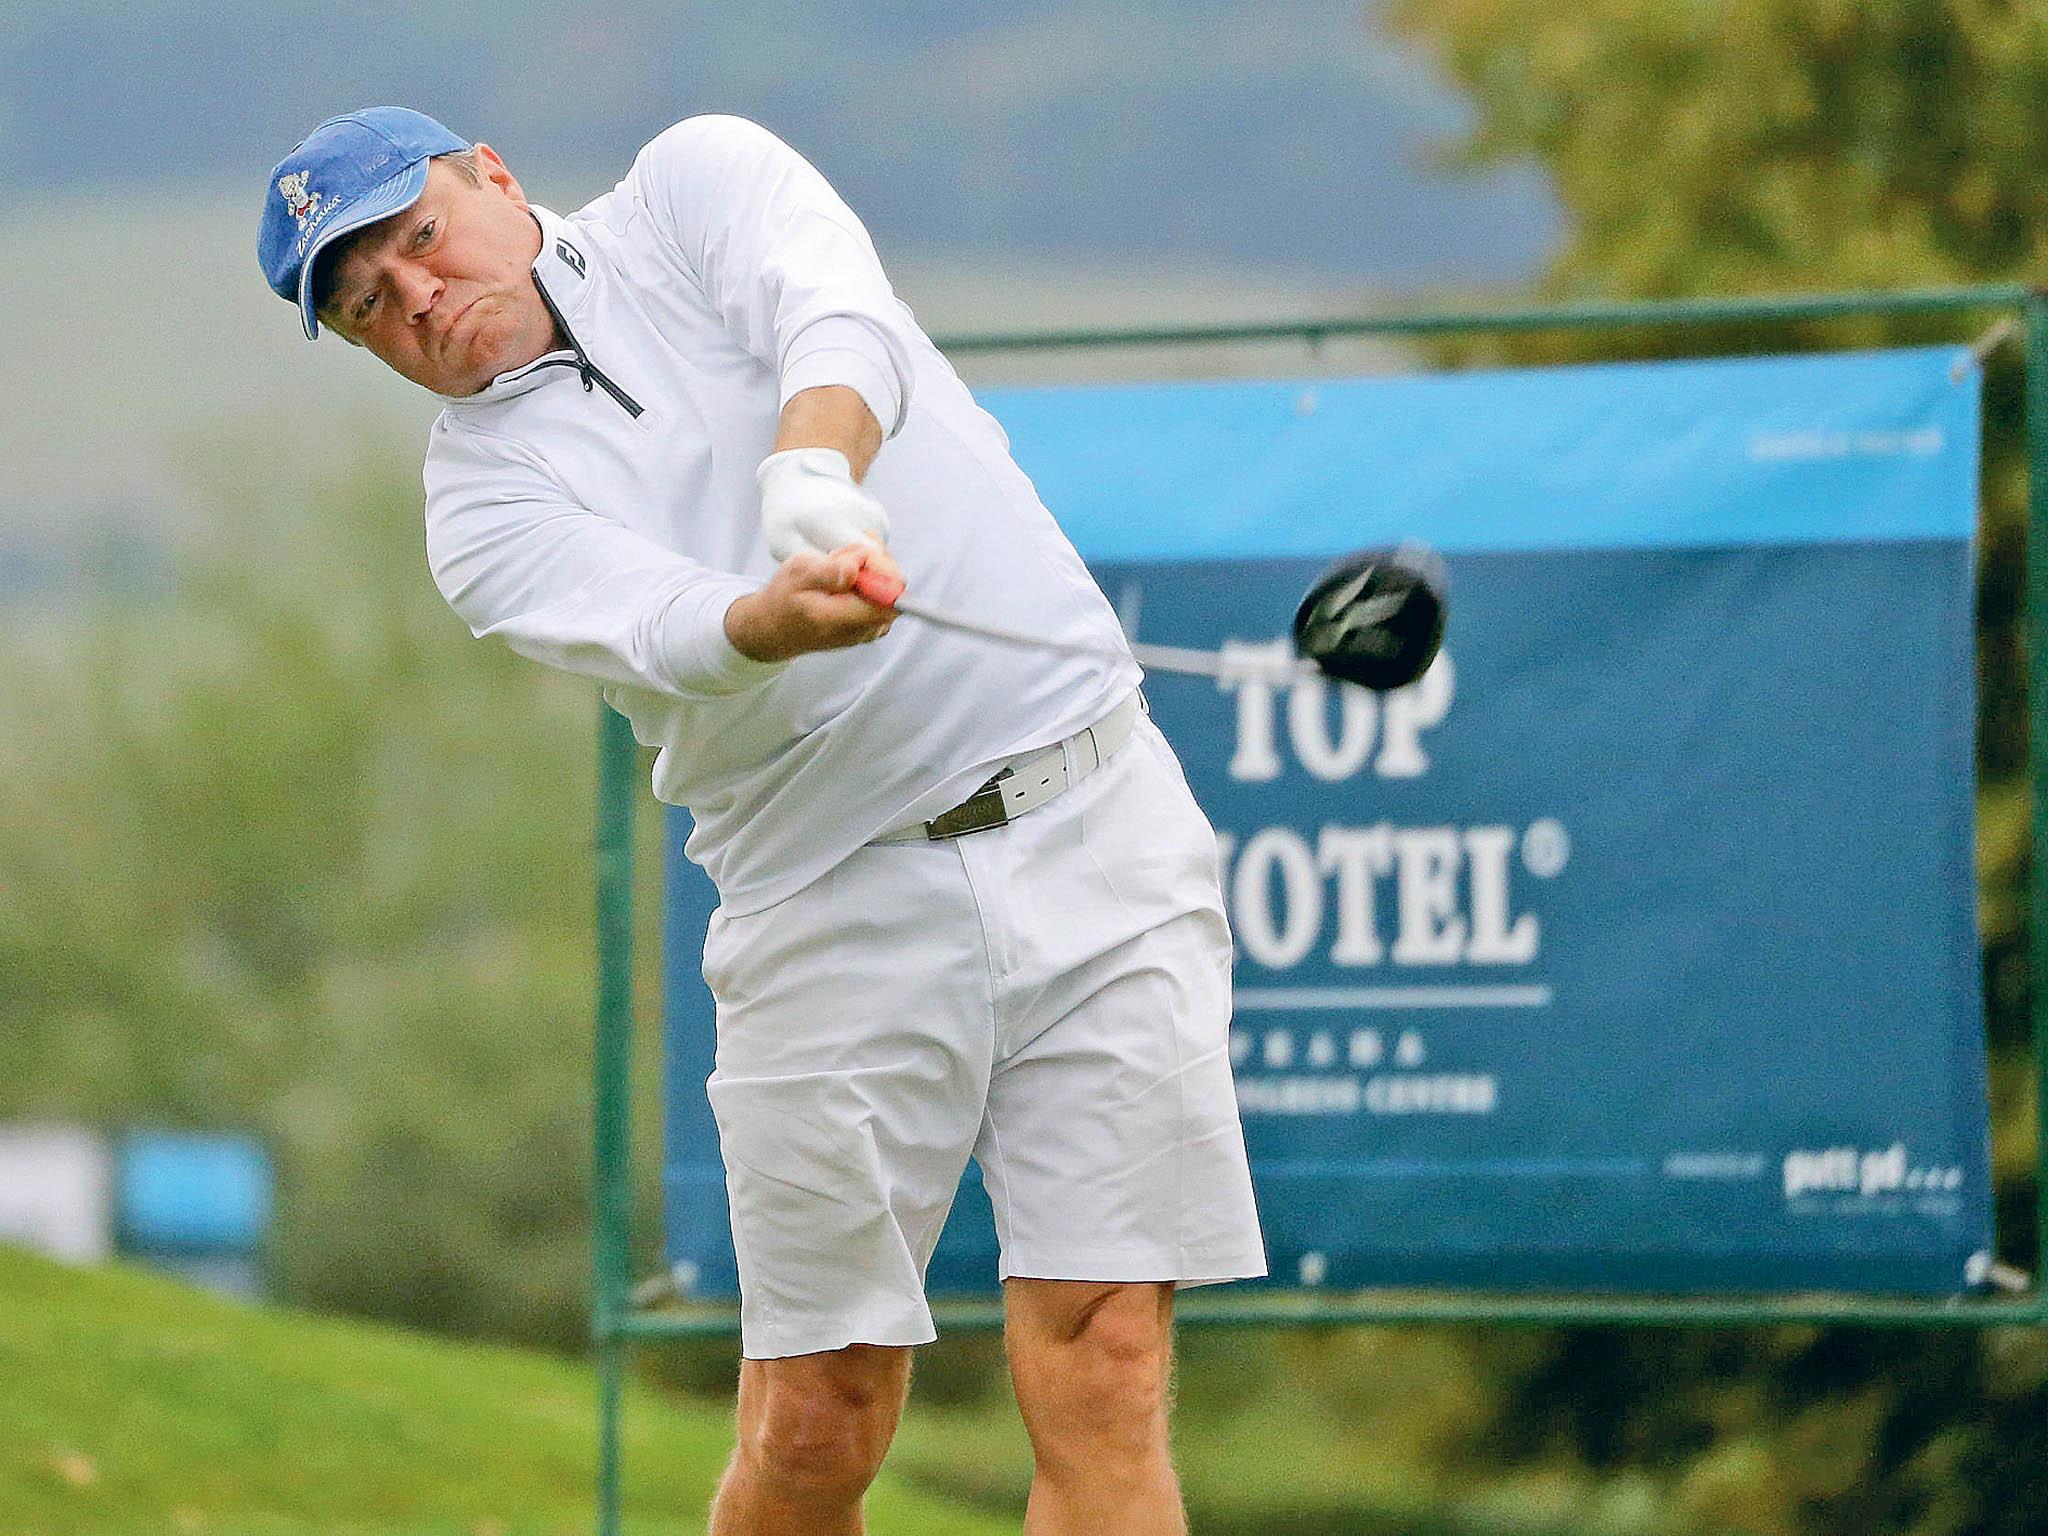 Tak pálíJaroslav Besperát, jehož tým vyhrál turnaj už sedmkrát.